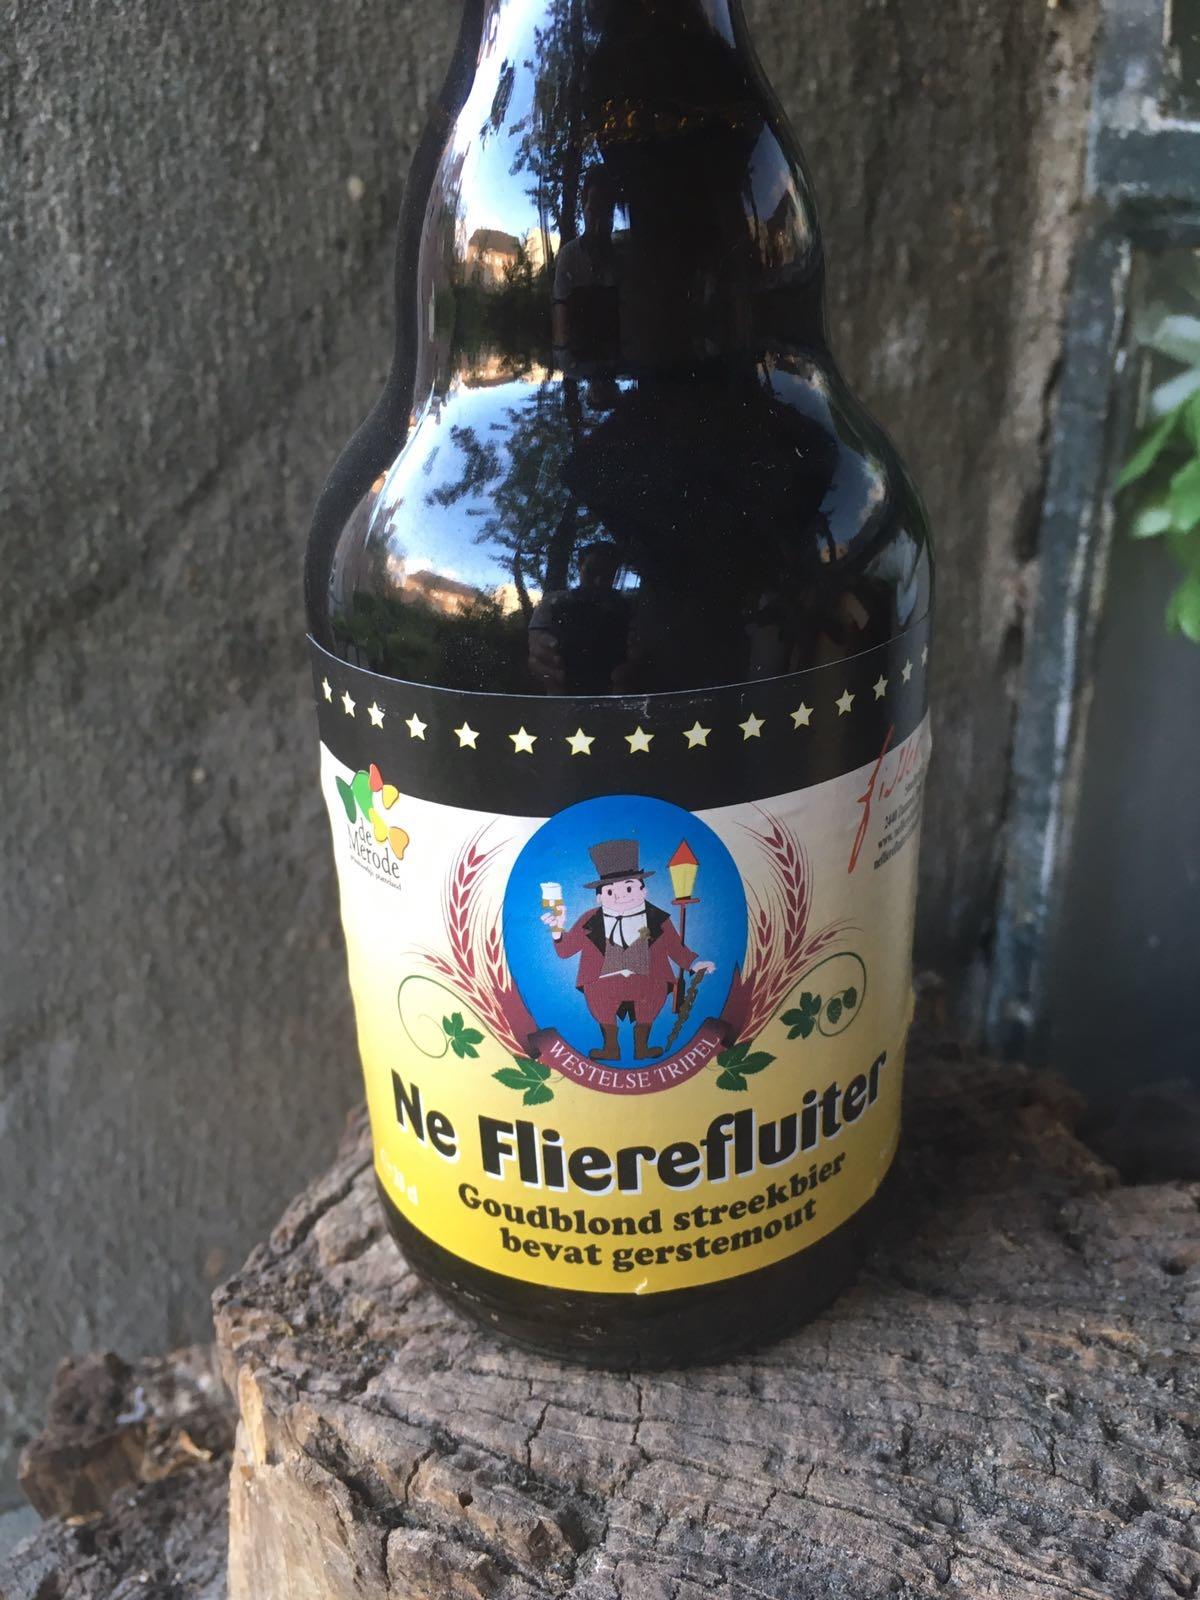 Ne Flierefluiter Herkomst: Zammel, België Oker blond bier met een volle schuimkraag. Door deze schuimkraag ruik je frisse zurige aroma's. Voor een blond bier heeft het een heftige smaak. In de smaak herken je ook een zuurtegehalte maar ook de bitterheid ontbreekt niet. Dit tweetal kenmerken doet ons denken aan tonic. Het bier bevat een alcoholpercentage van 8,5%. Advies serveertemperatuur: 6 à 8 graden.